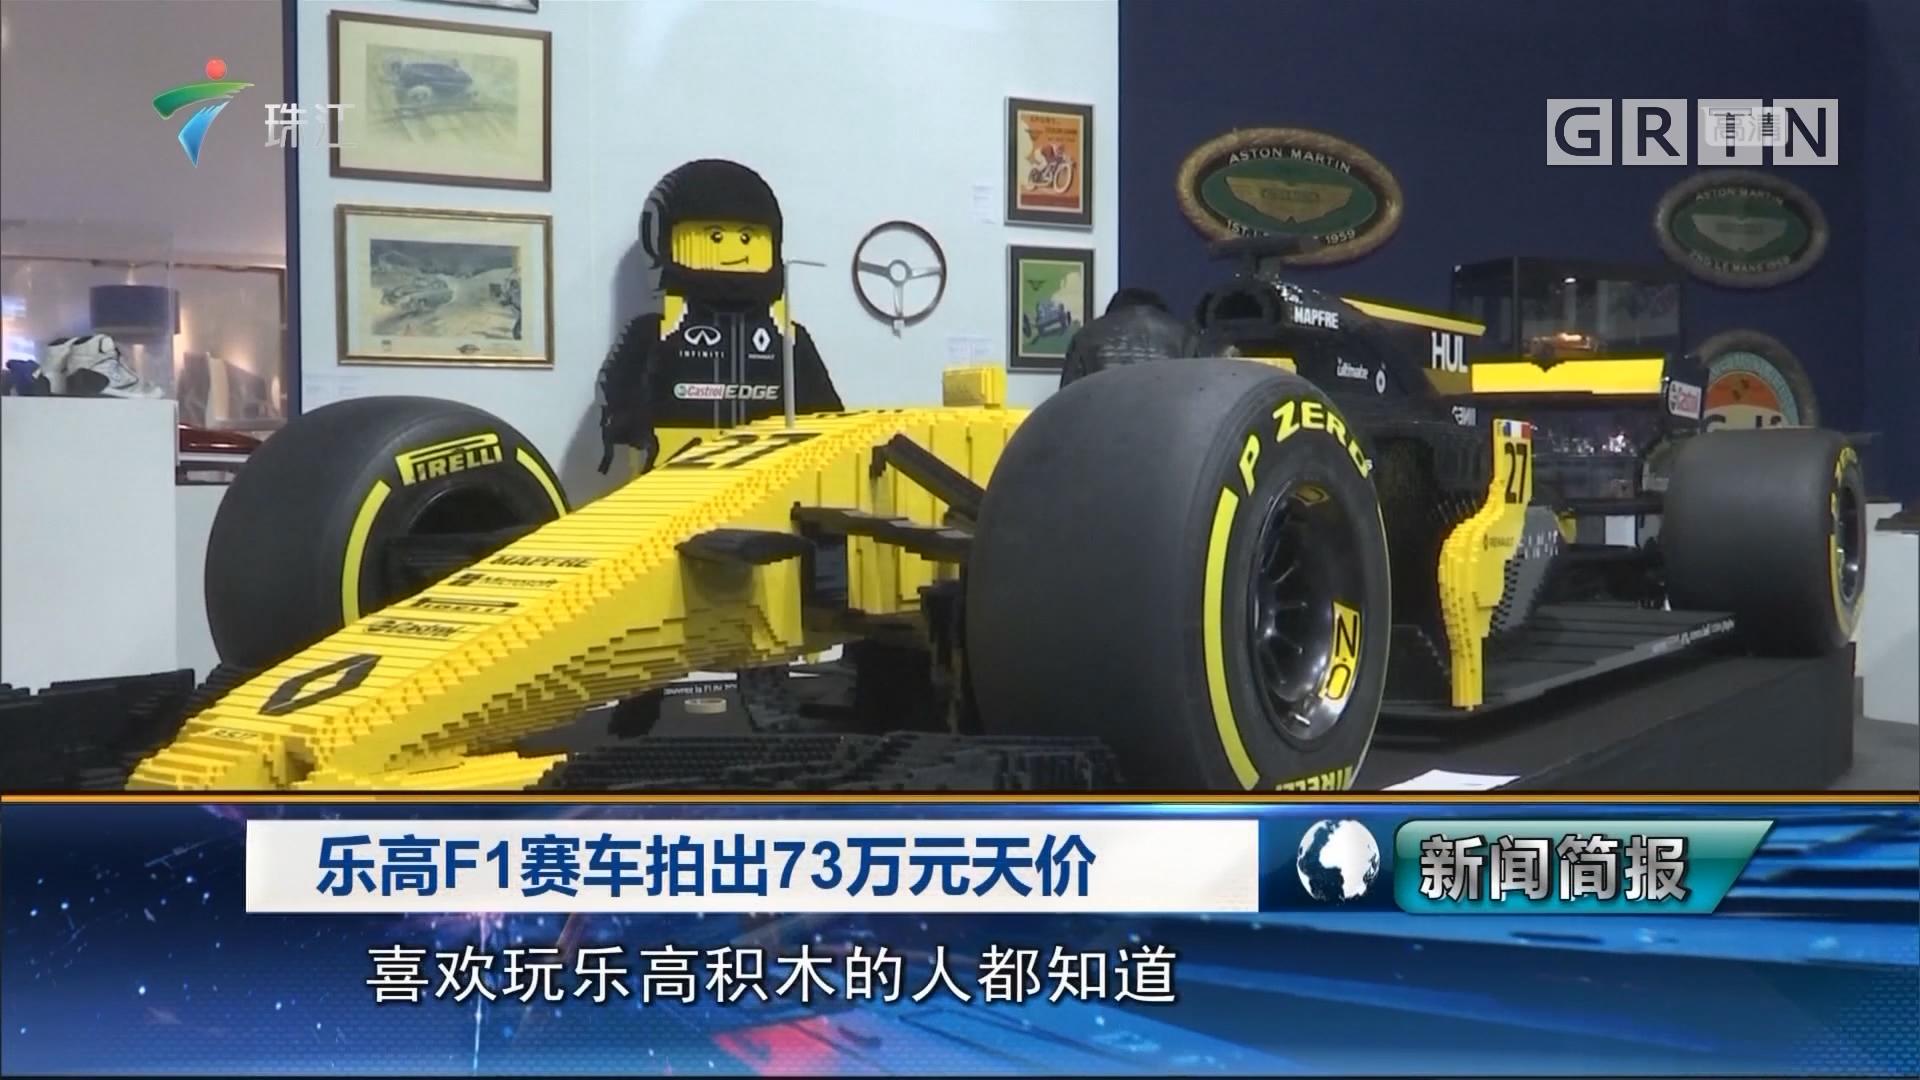 乐高F1赛车拍出73万元天价